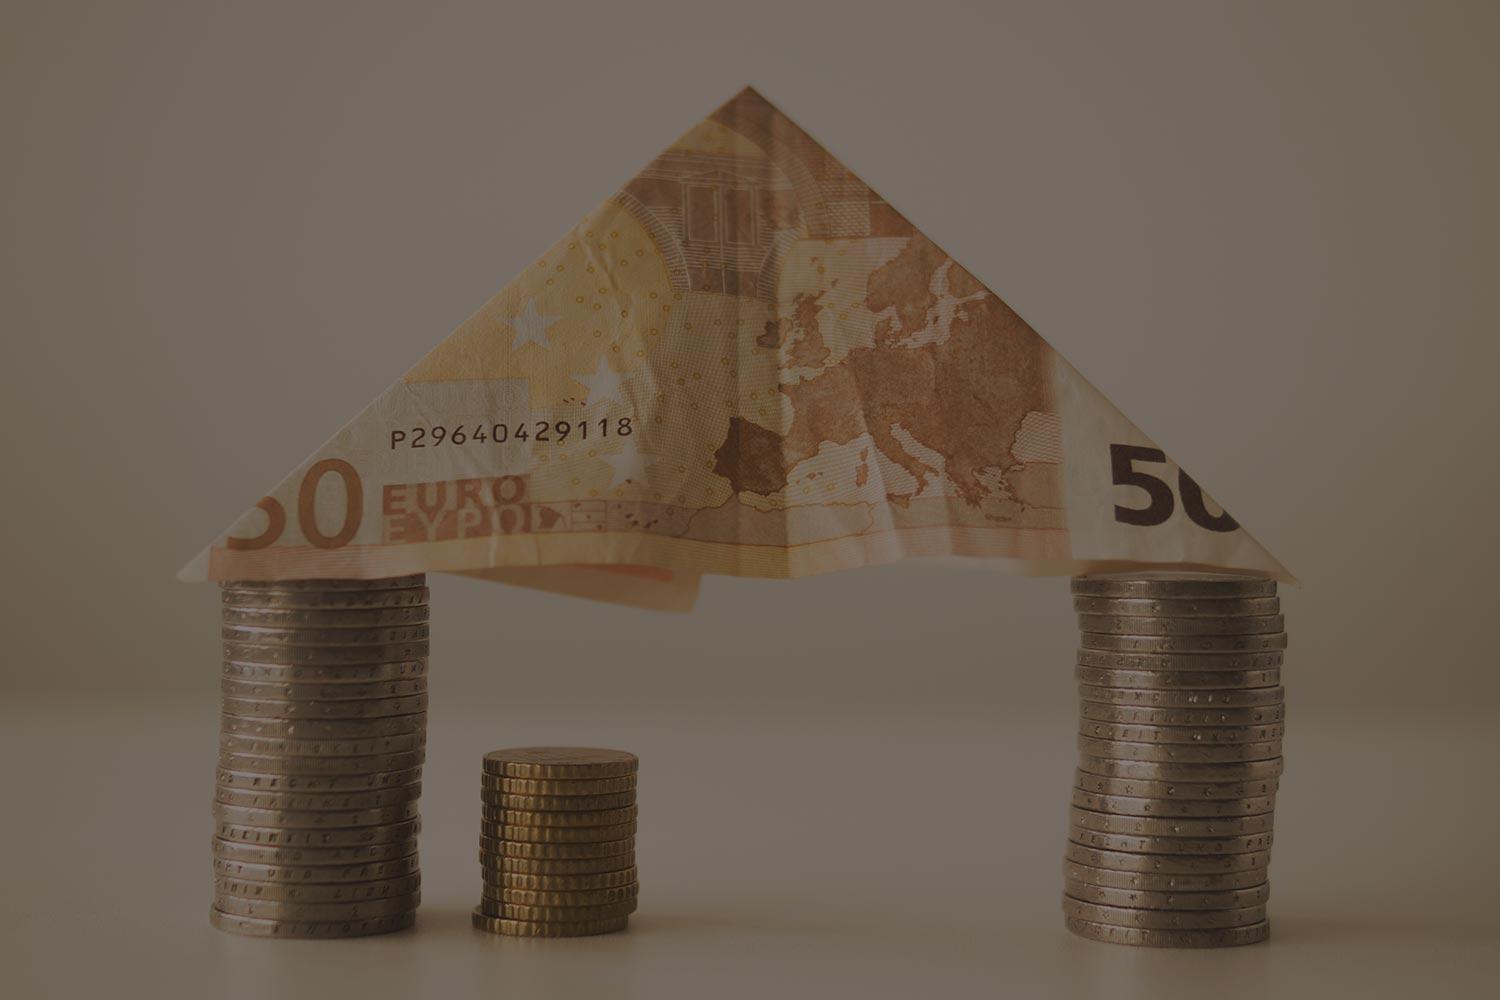 Ar jau pasikeitėte savo įmonės įstatinio kapitalo valiutą į eurus?